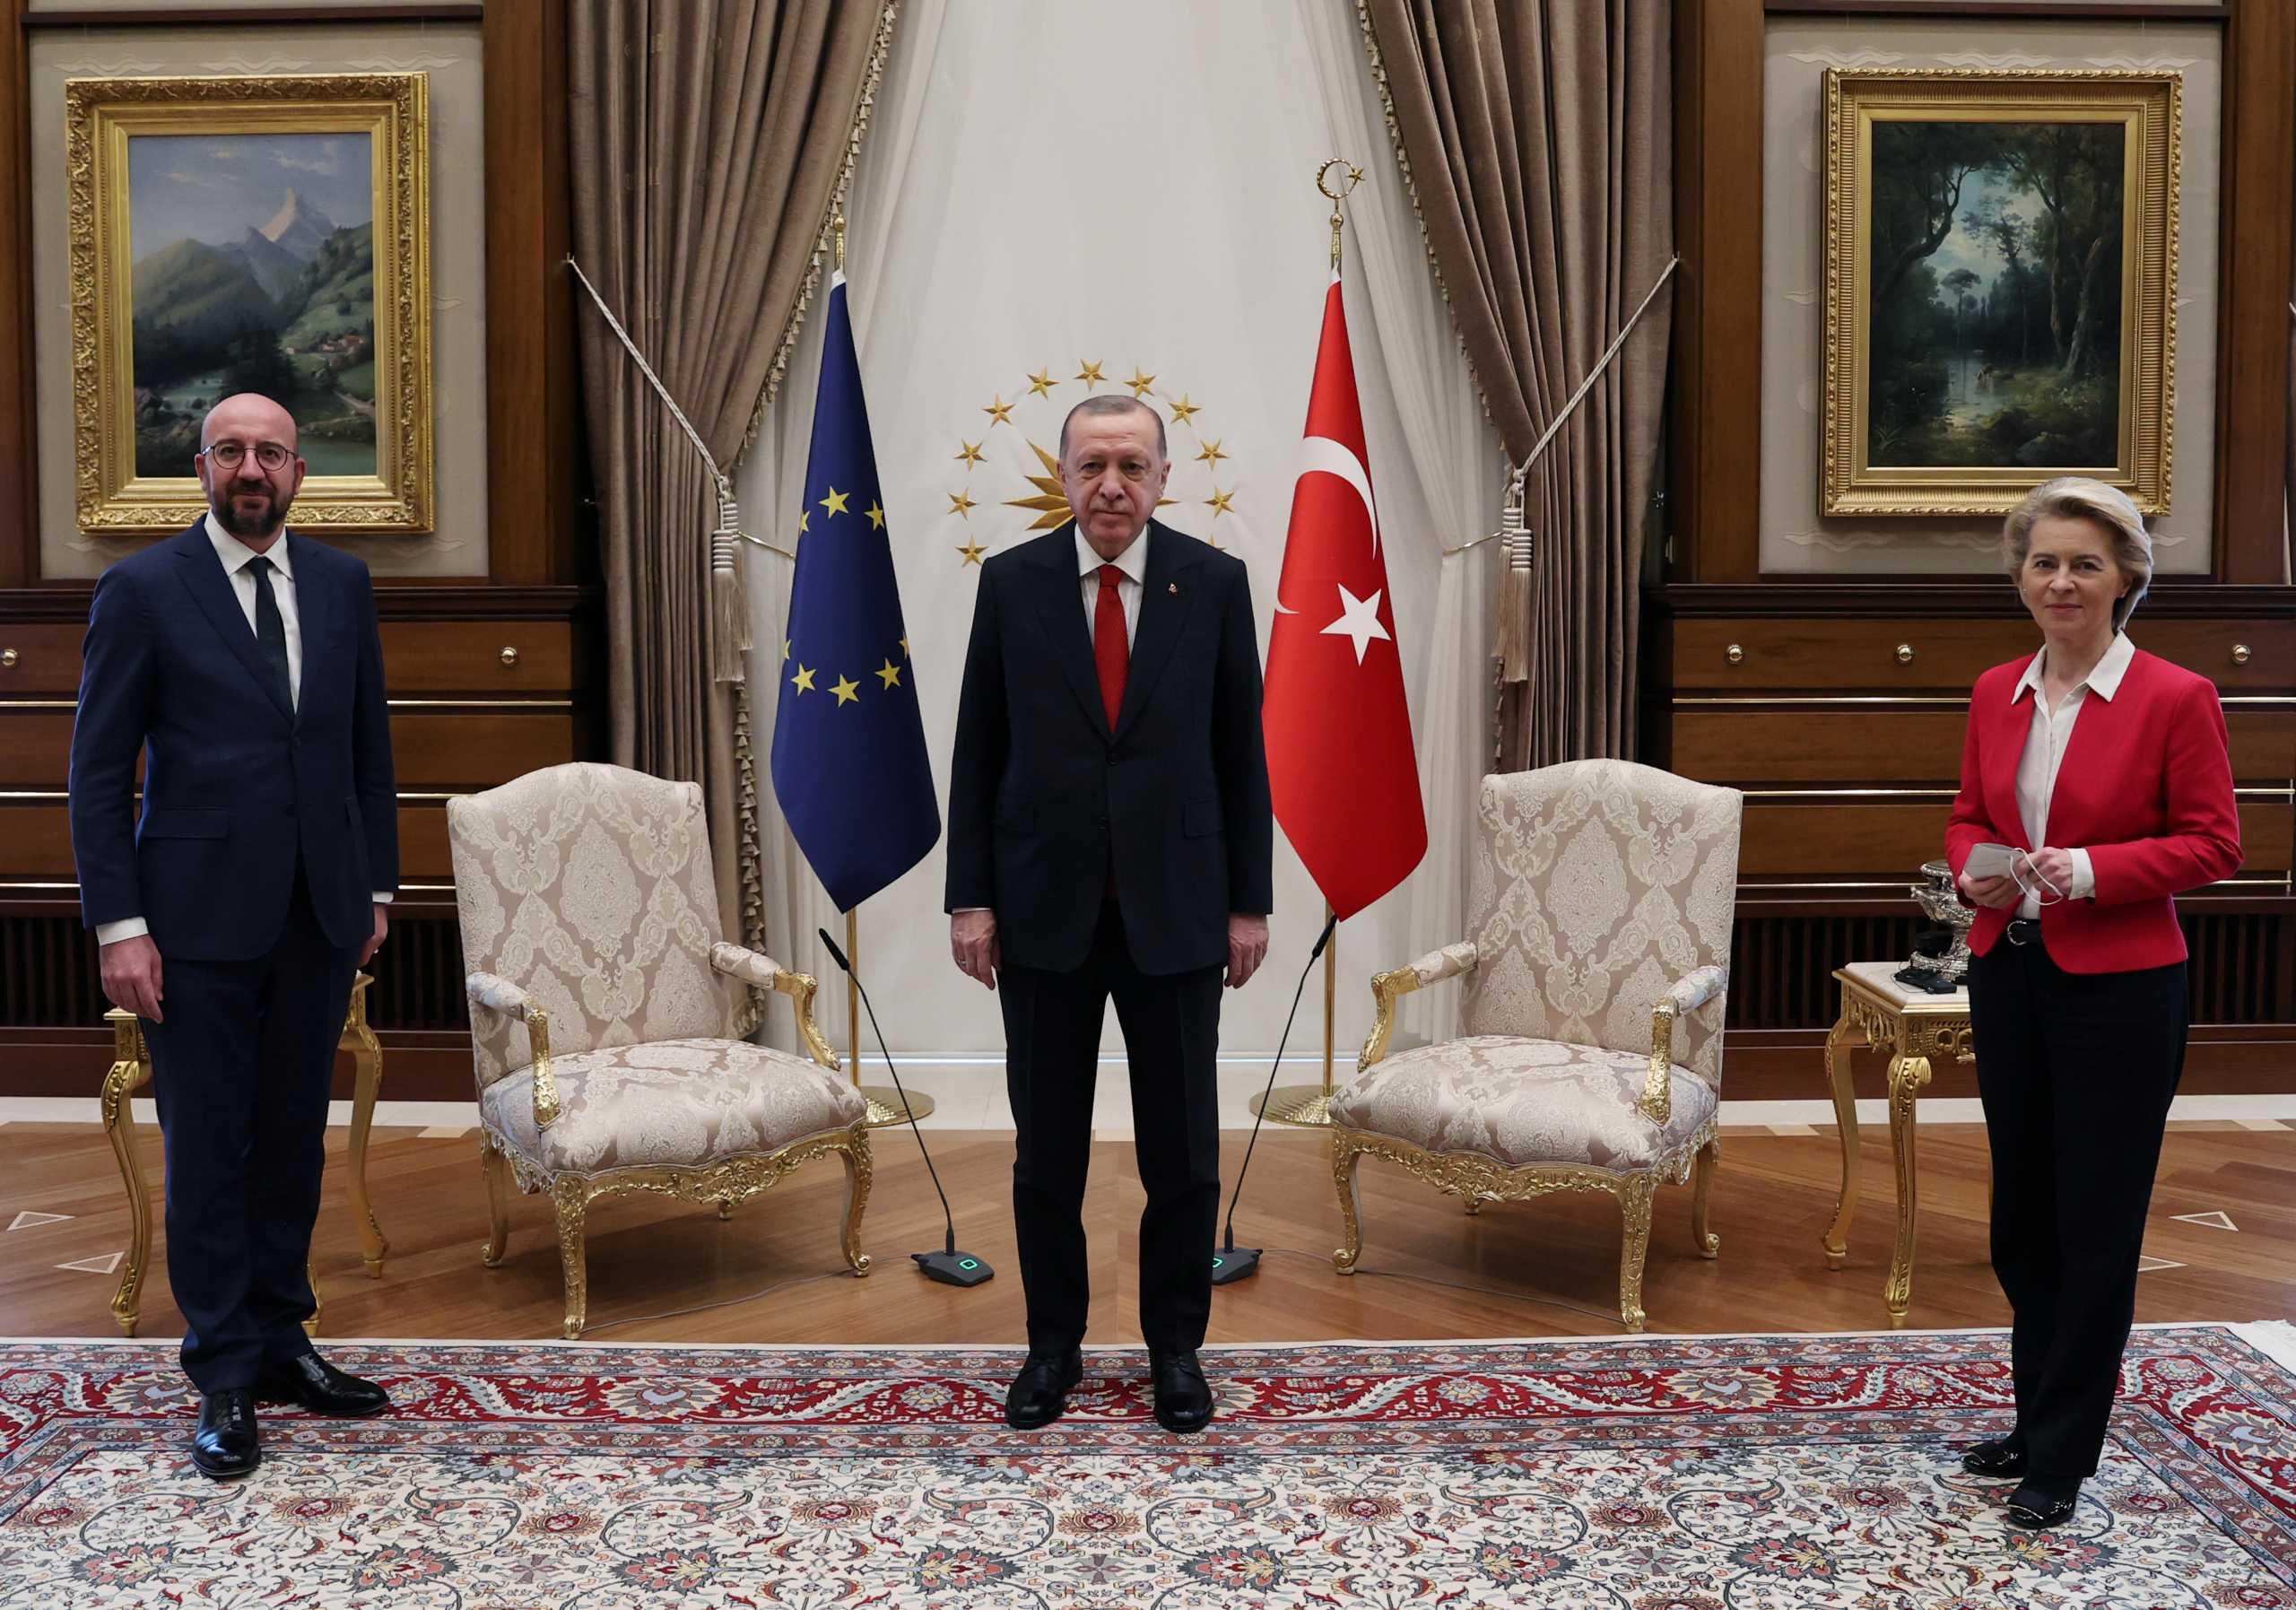 Γεωργιάδης για «sofagate»: Ο Ερντογάν χρησιμοποίησε το πρωτόκολλο για να ξεφτιλίσει τις ιδέες της ΕΕ